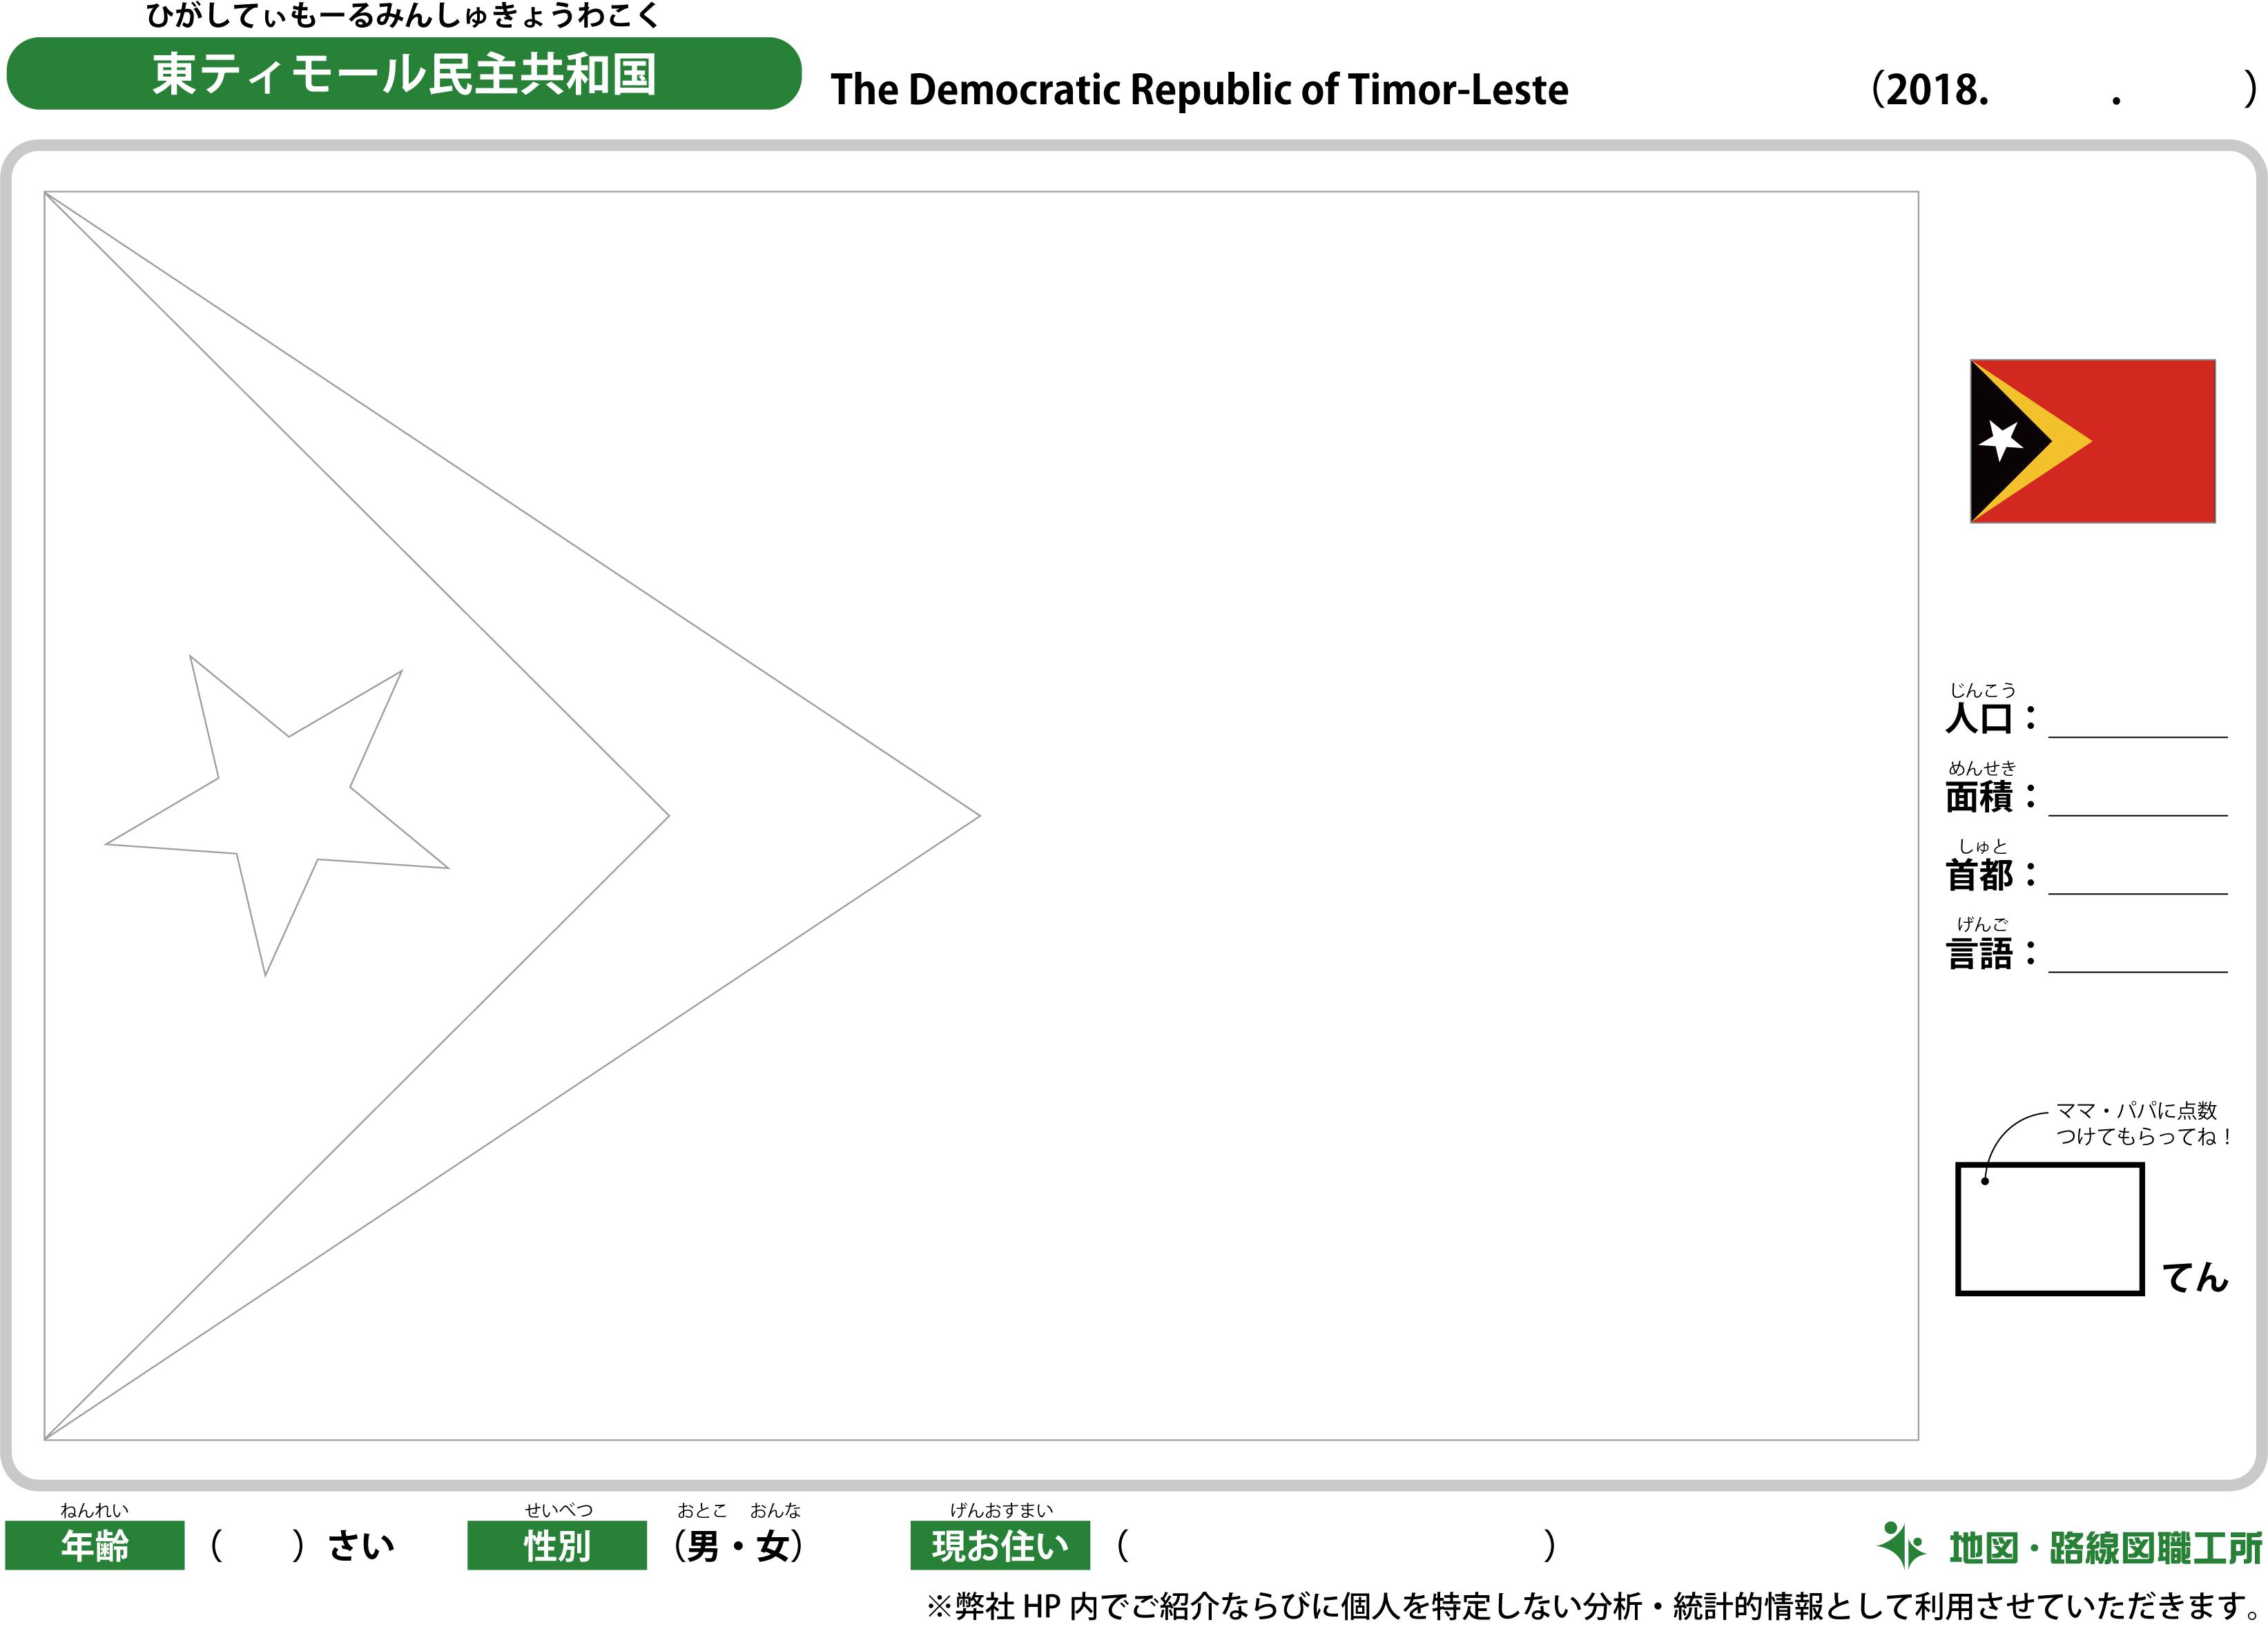 東ティモール民主共和国